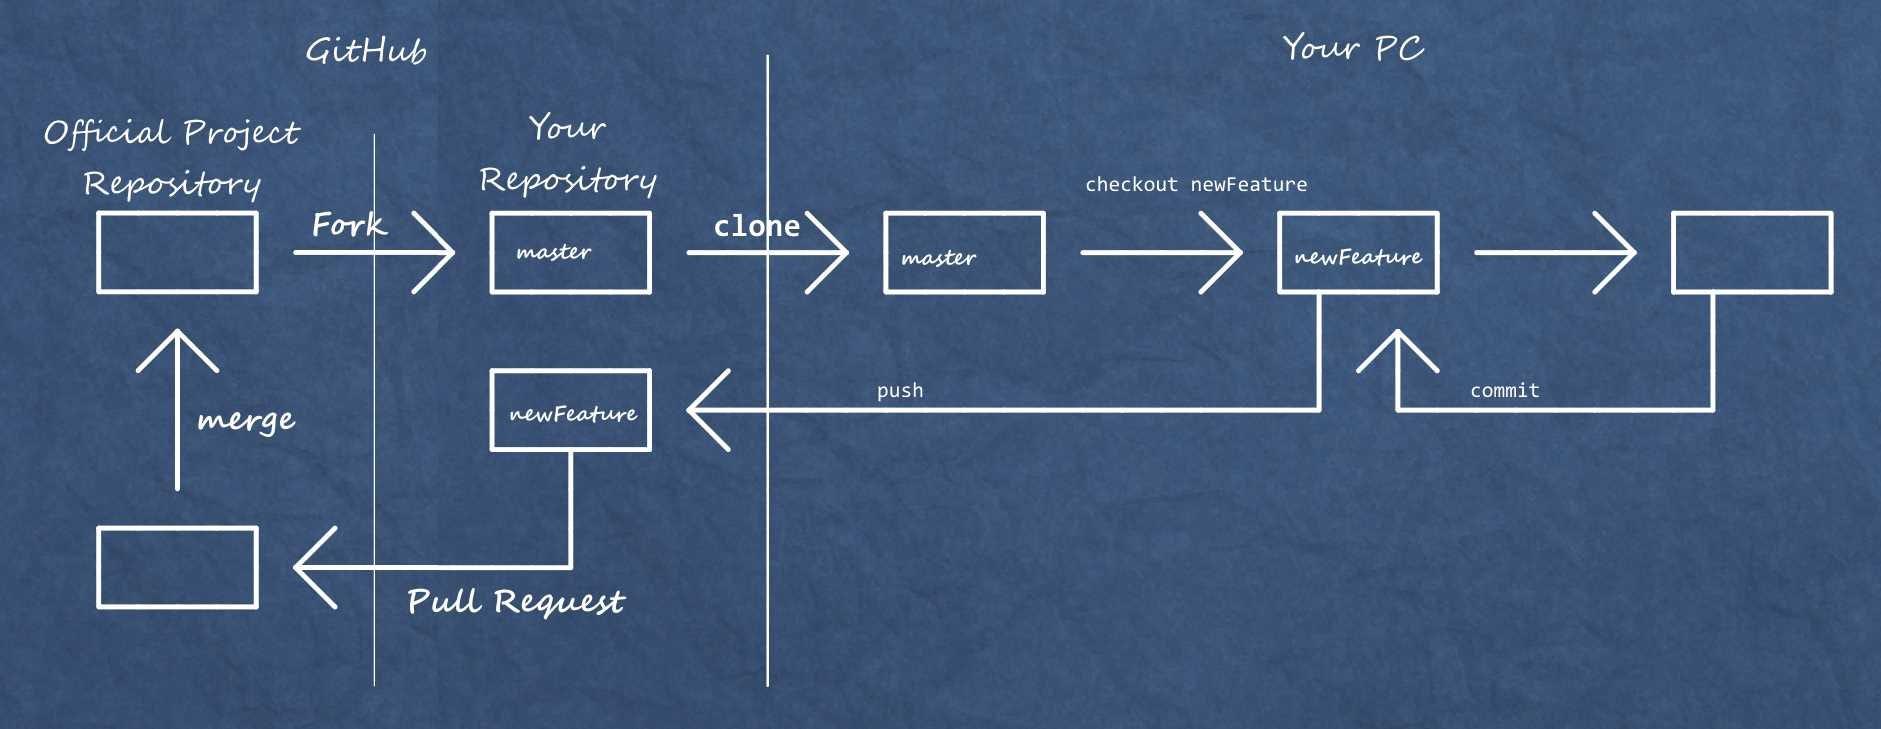 Githup sisteminin çalışma şekli